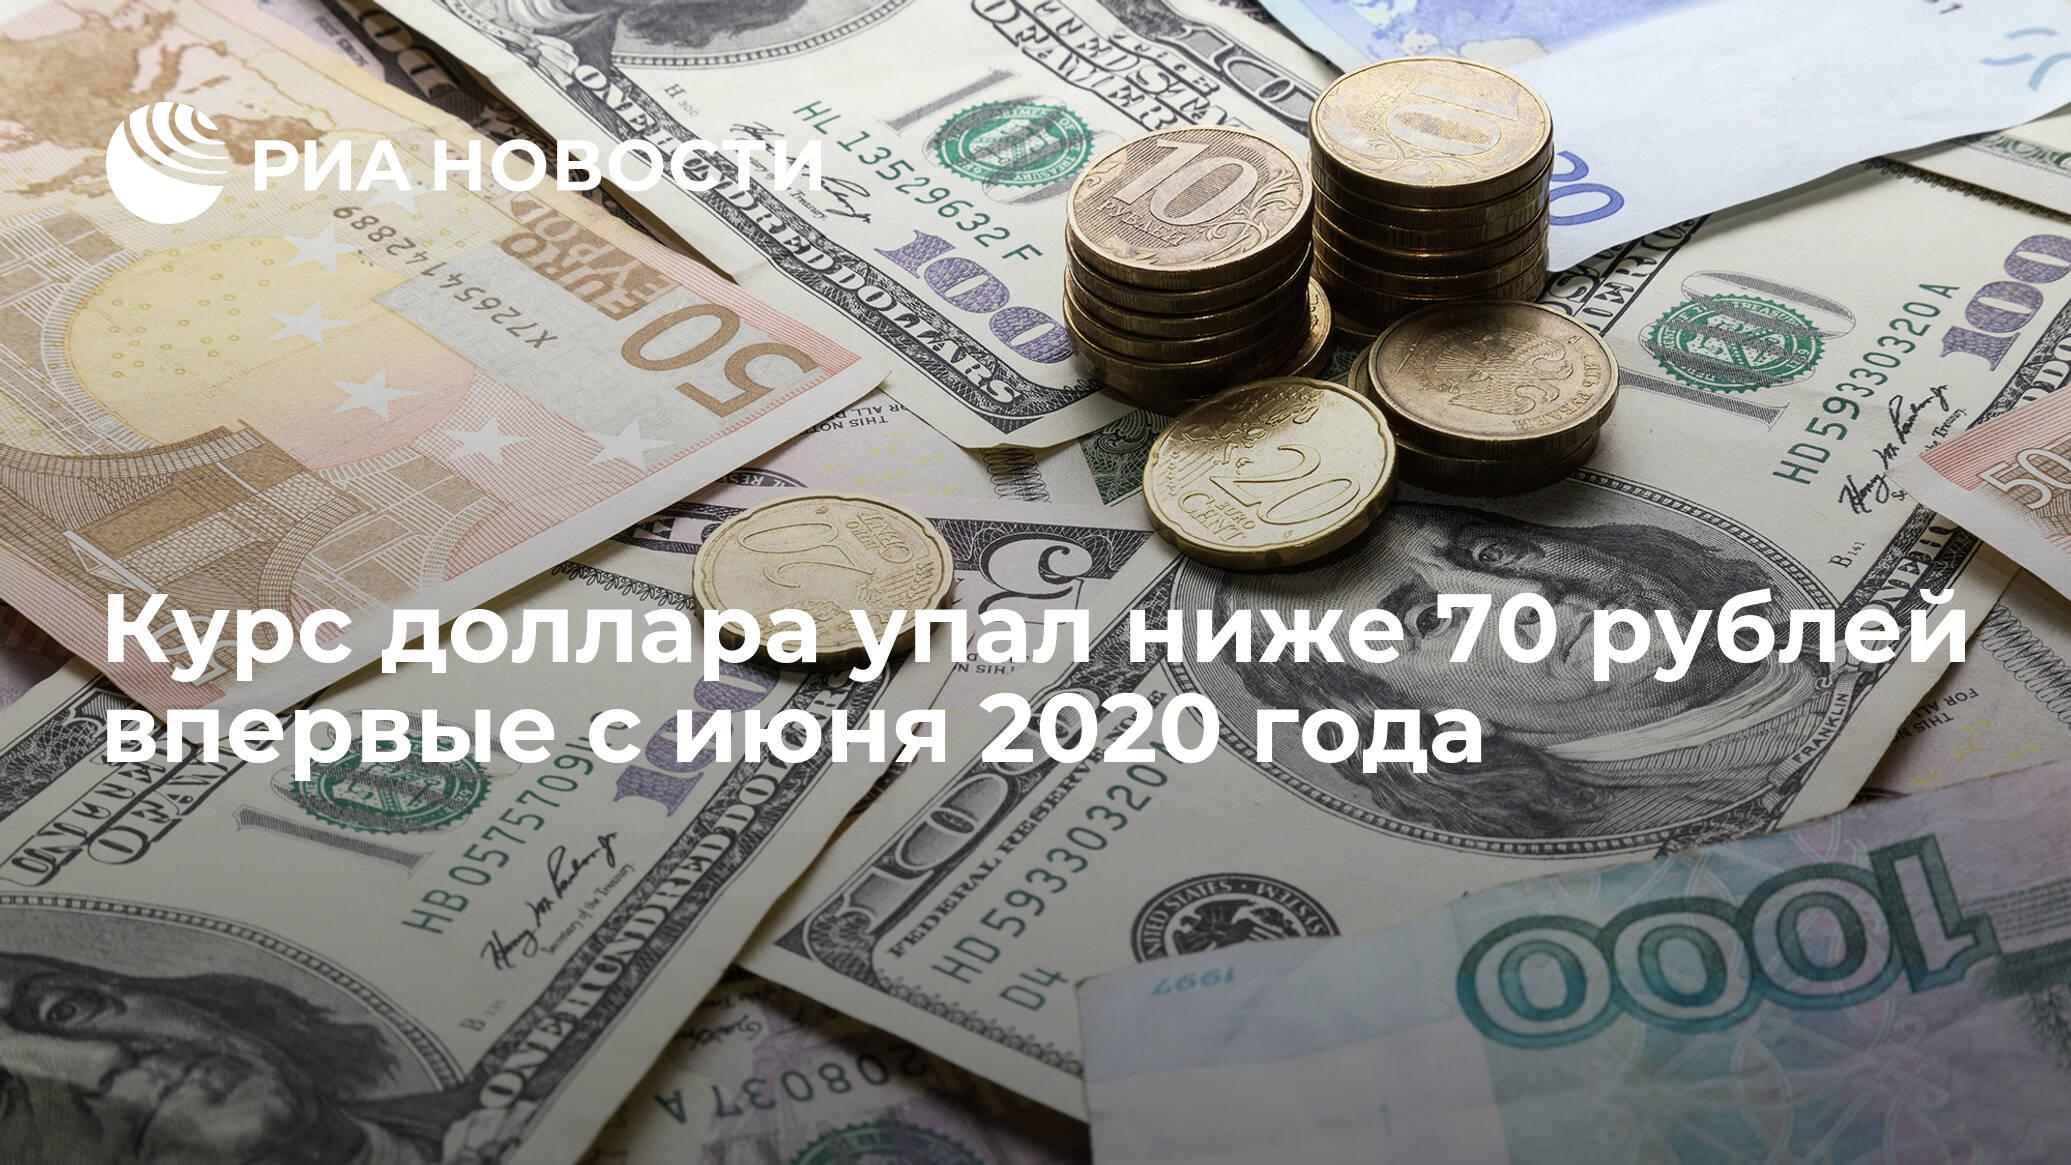 Курс доллара упал ниже 70 рублей впервые с июня 2020 года